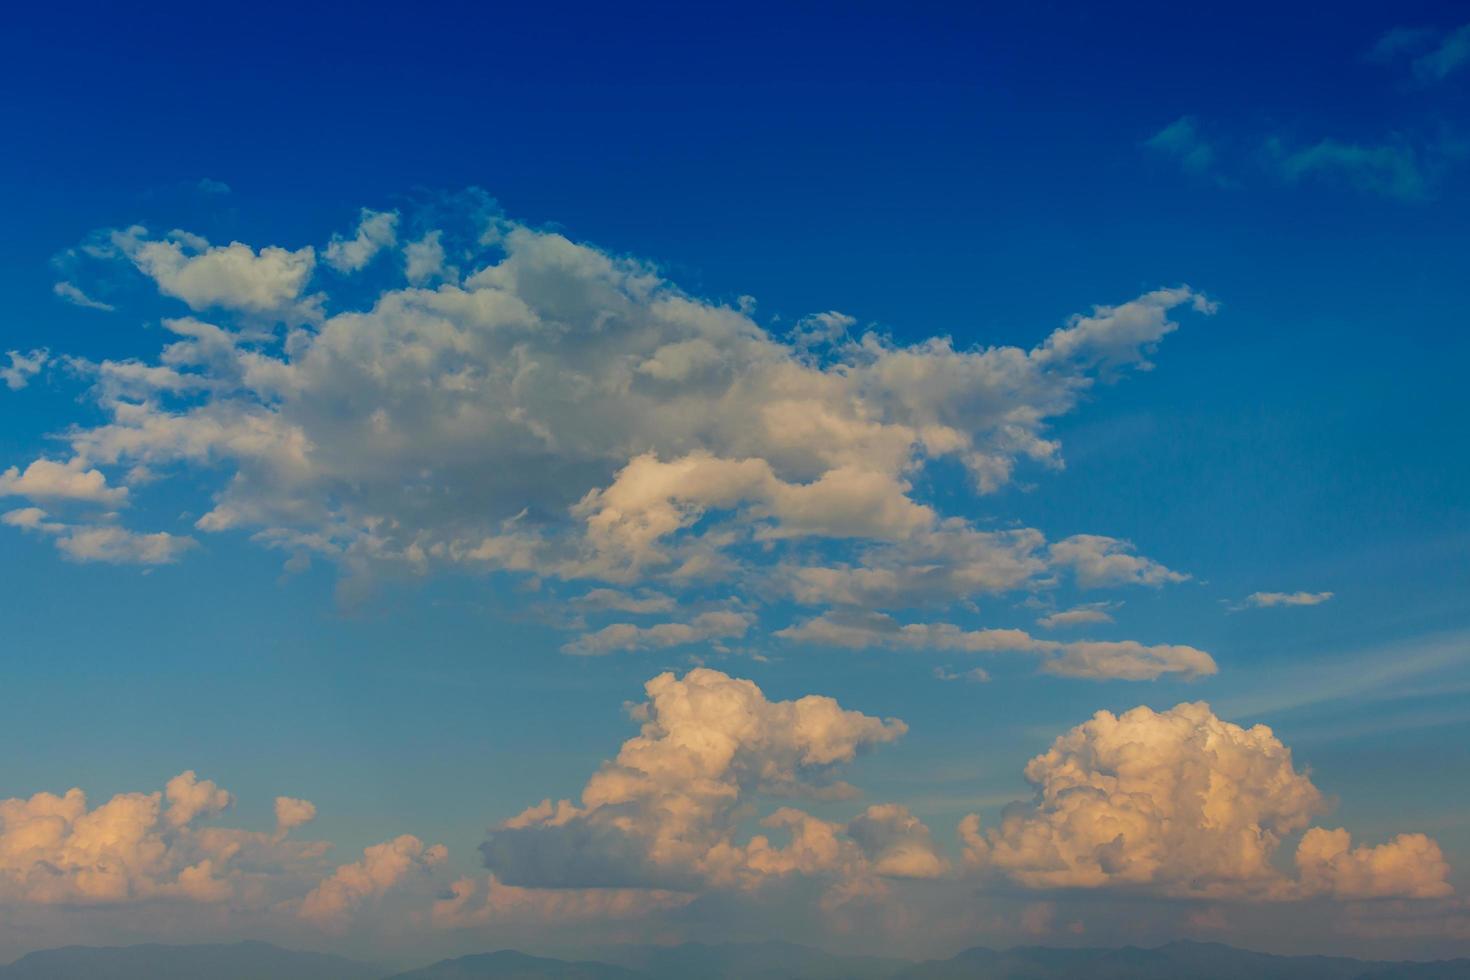 cielo azul y nubes en movimiento foto